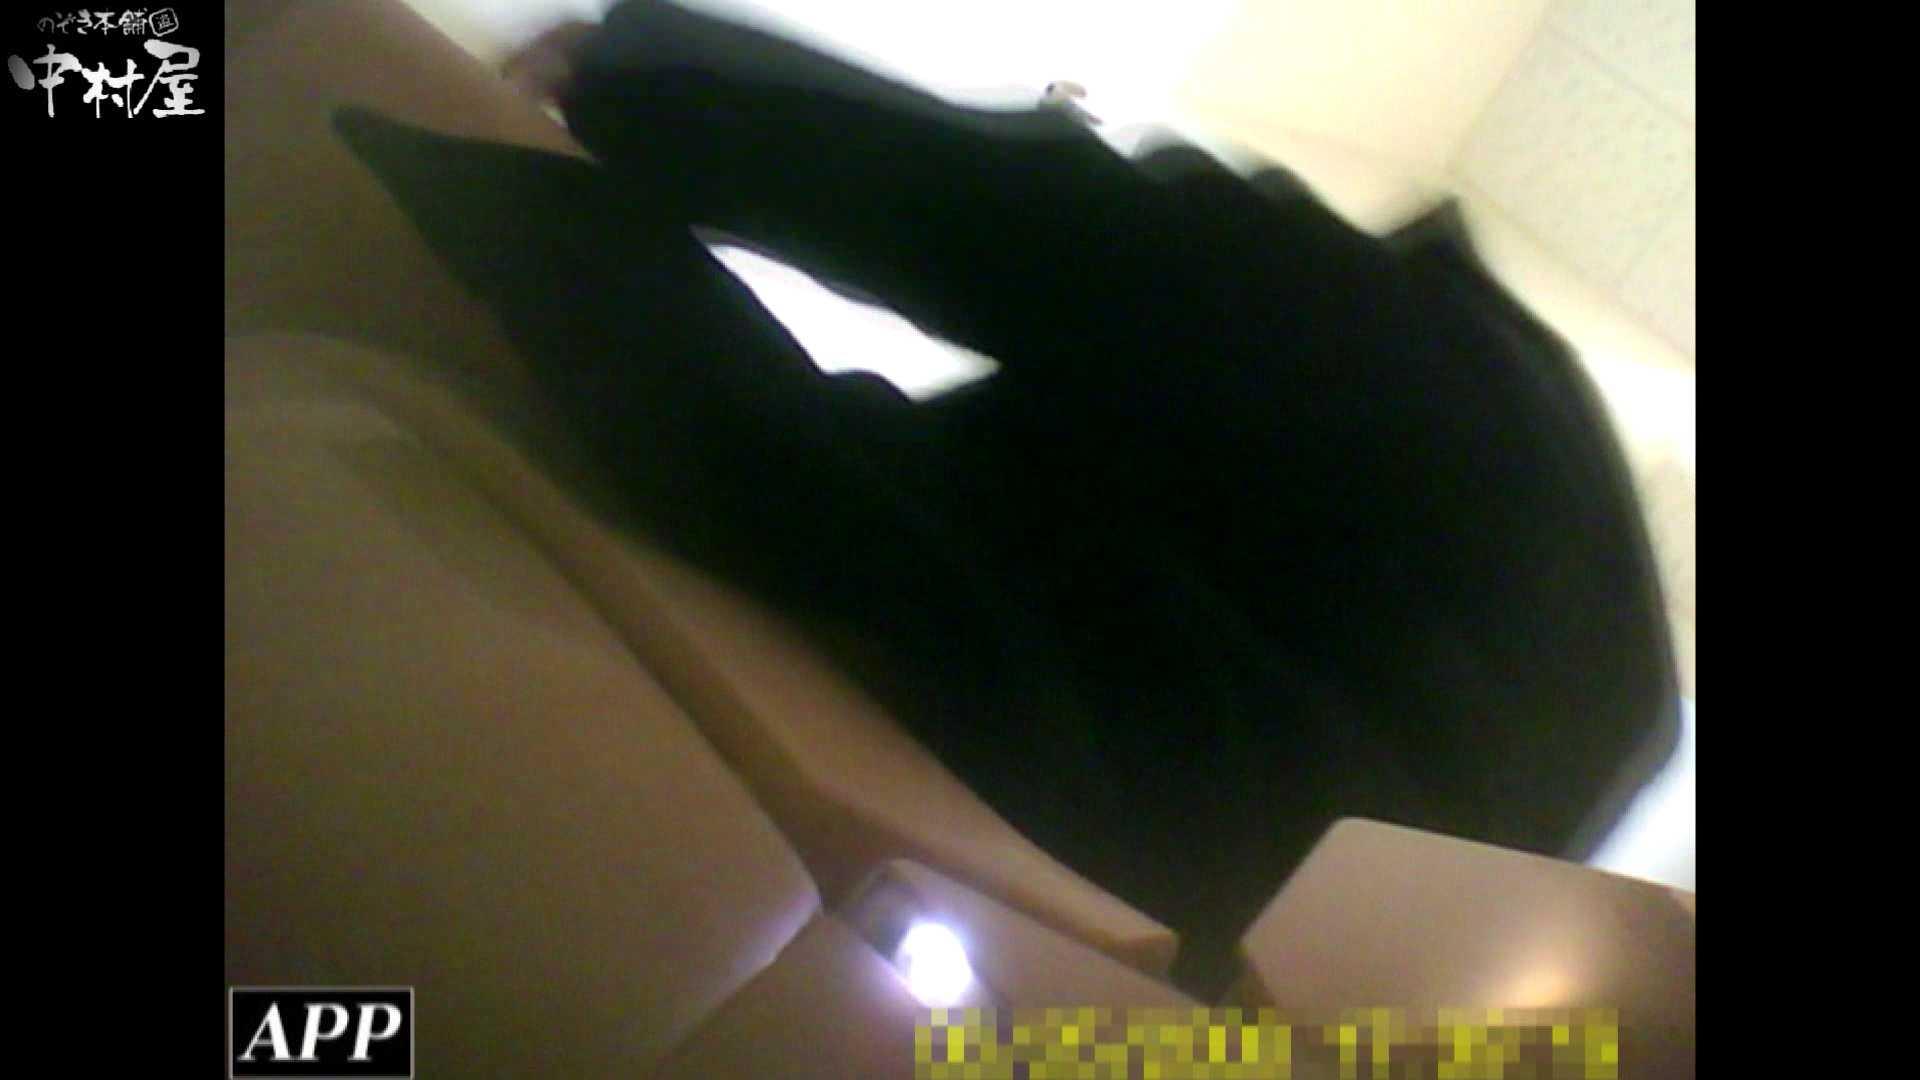 三つ目で盗撮 vol.76 OLのプライベート のぞき動画画像 11pic 2